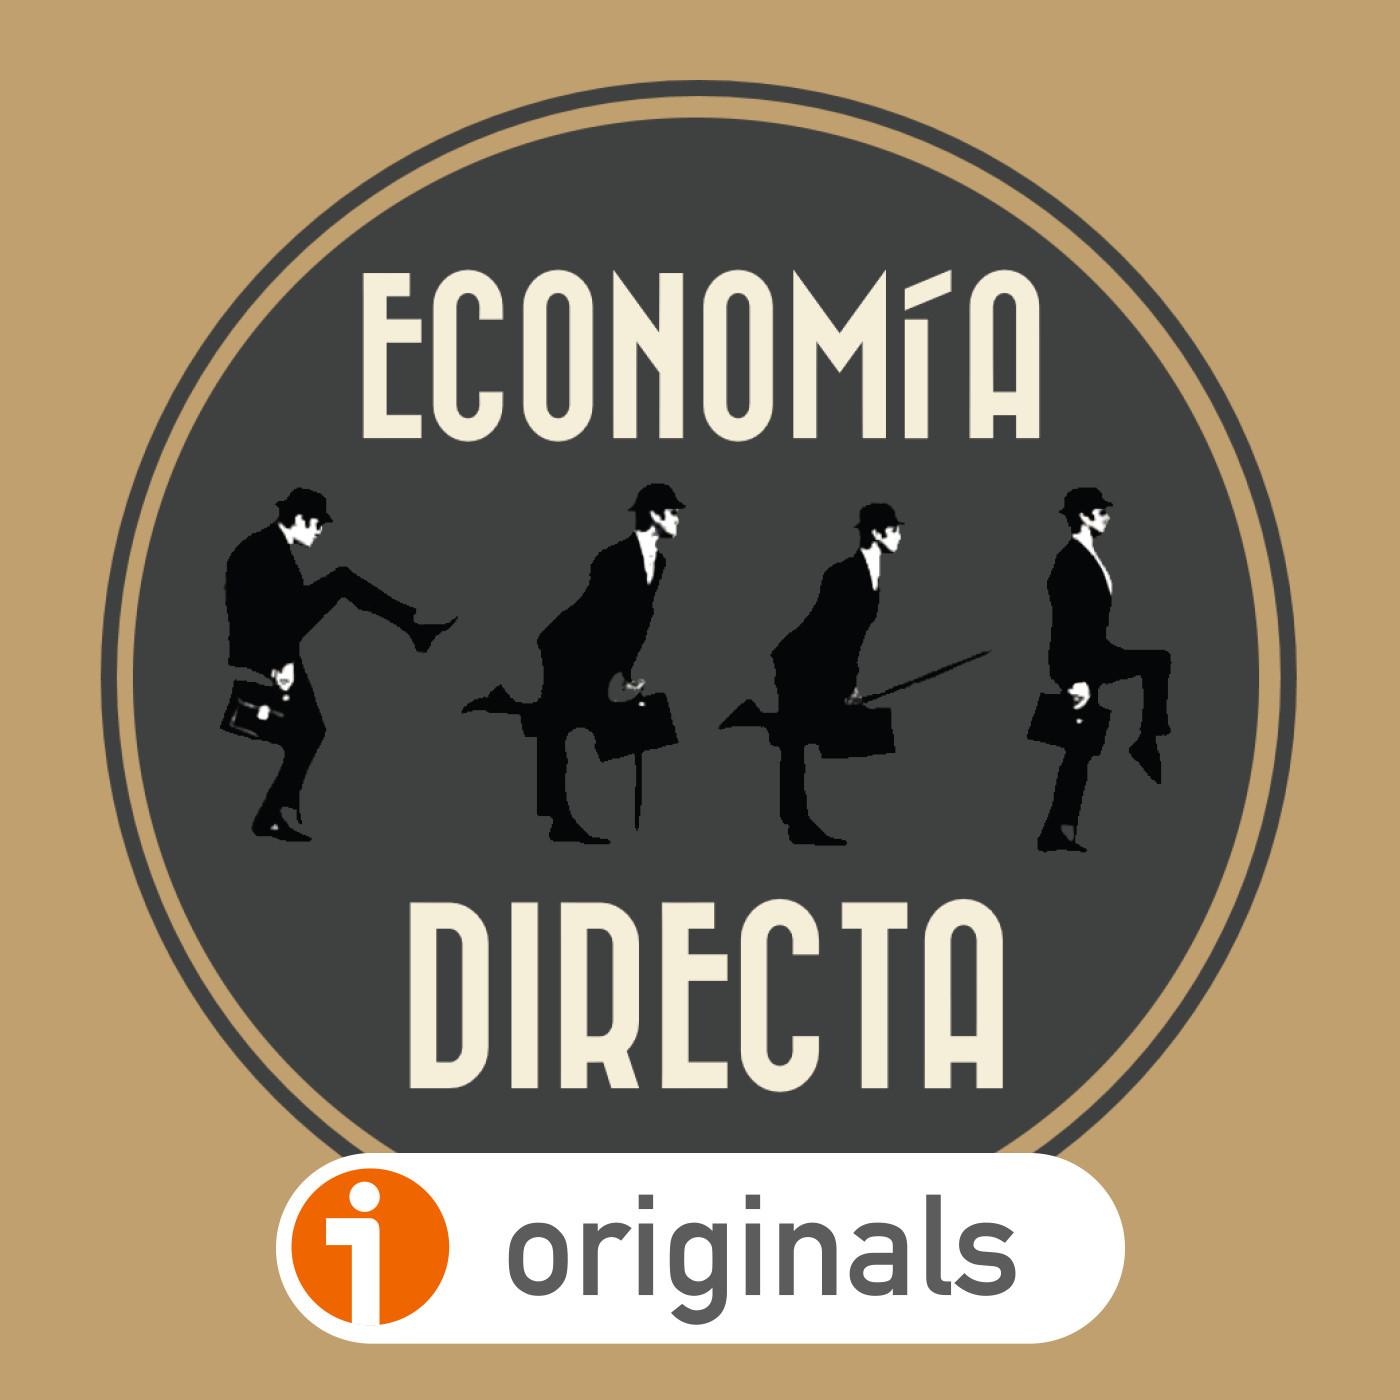 Presidente Trump - Economía Directa 9-11-2016